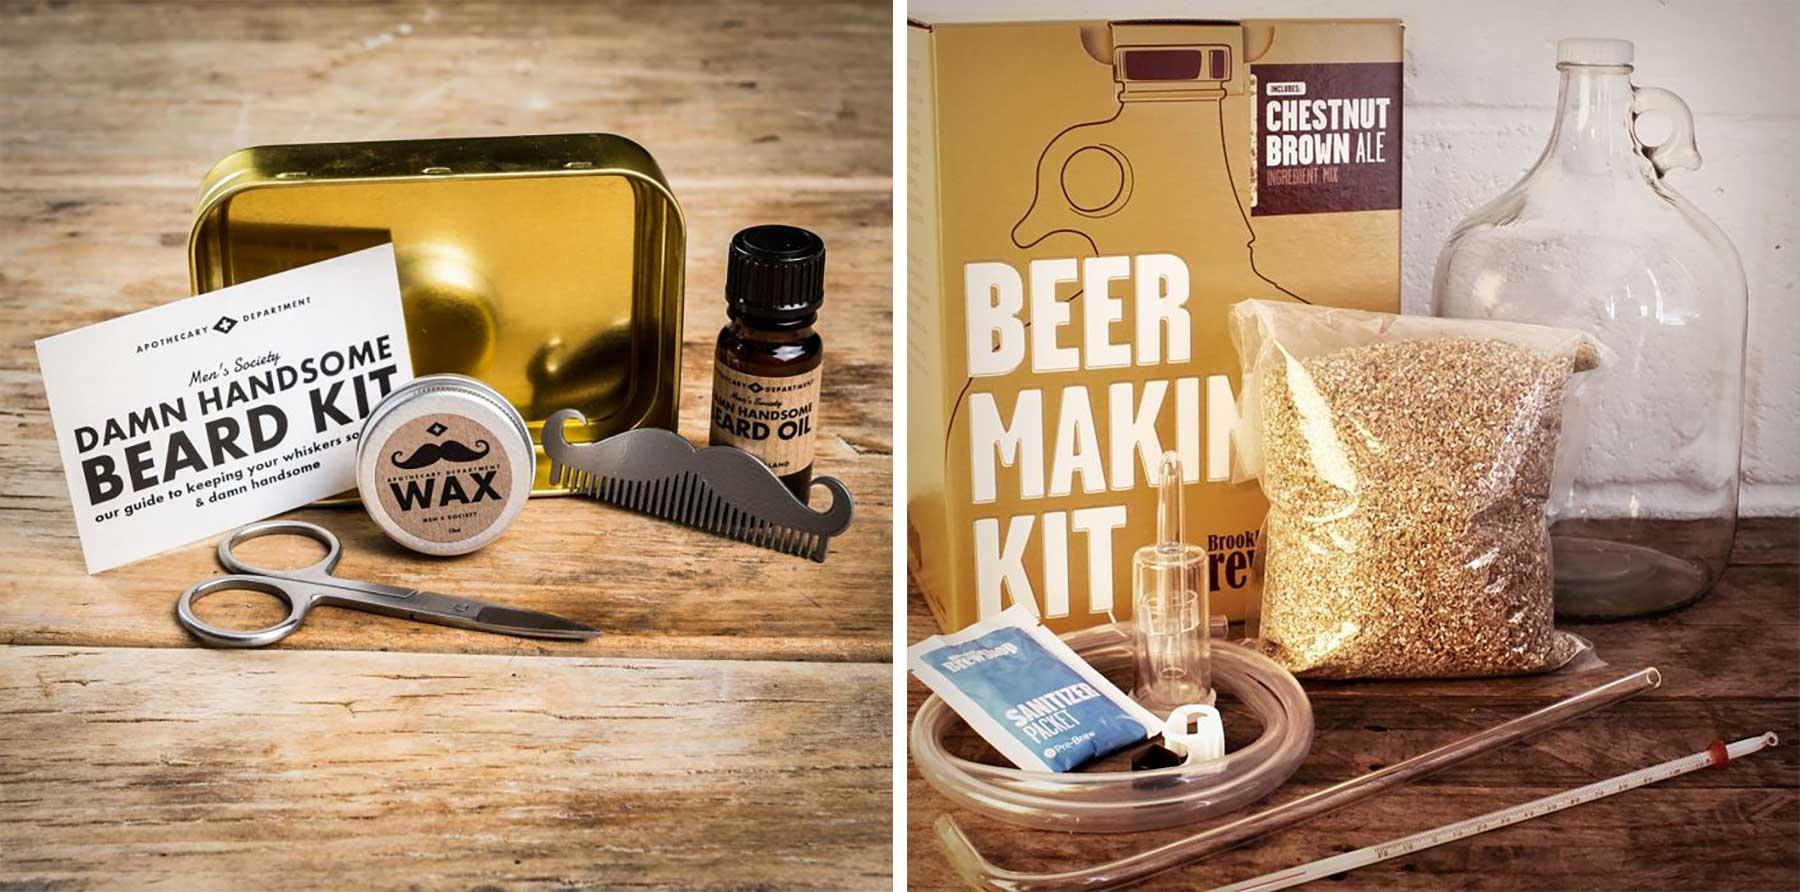 Coole Weihnachtsgeschenke gibt es bei radbag radbag-weihnachtsgeschenke-2018_05